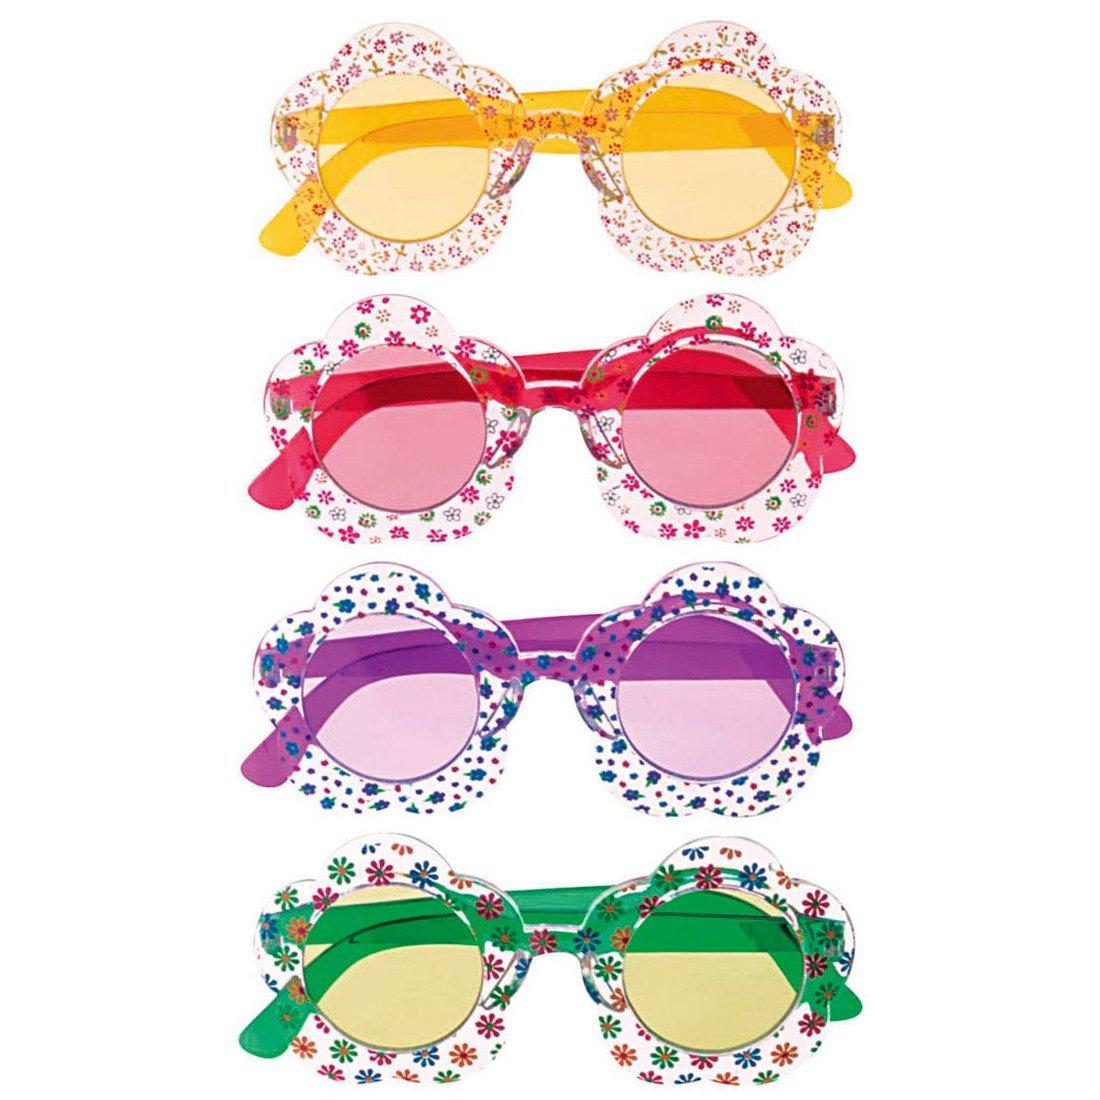 c75bb5fa83 Gafas hippie años 70 accesorios carnaval anteojos amarillos: Amazon.es:  Juguetes y juegos